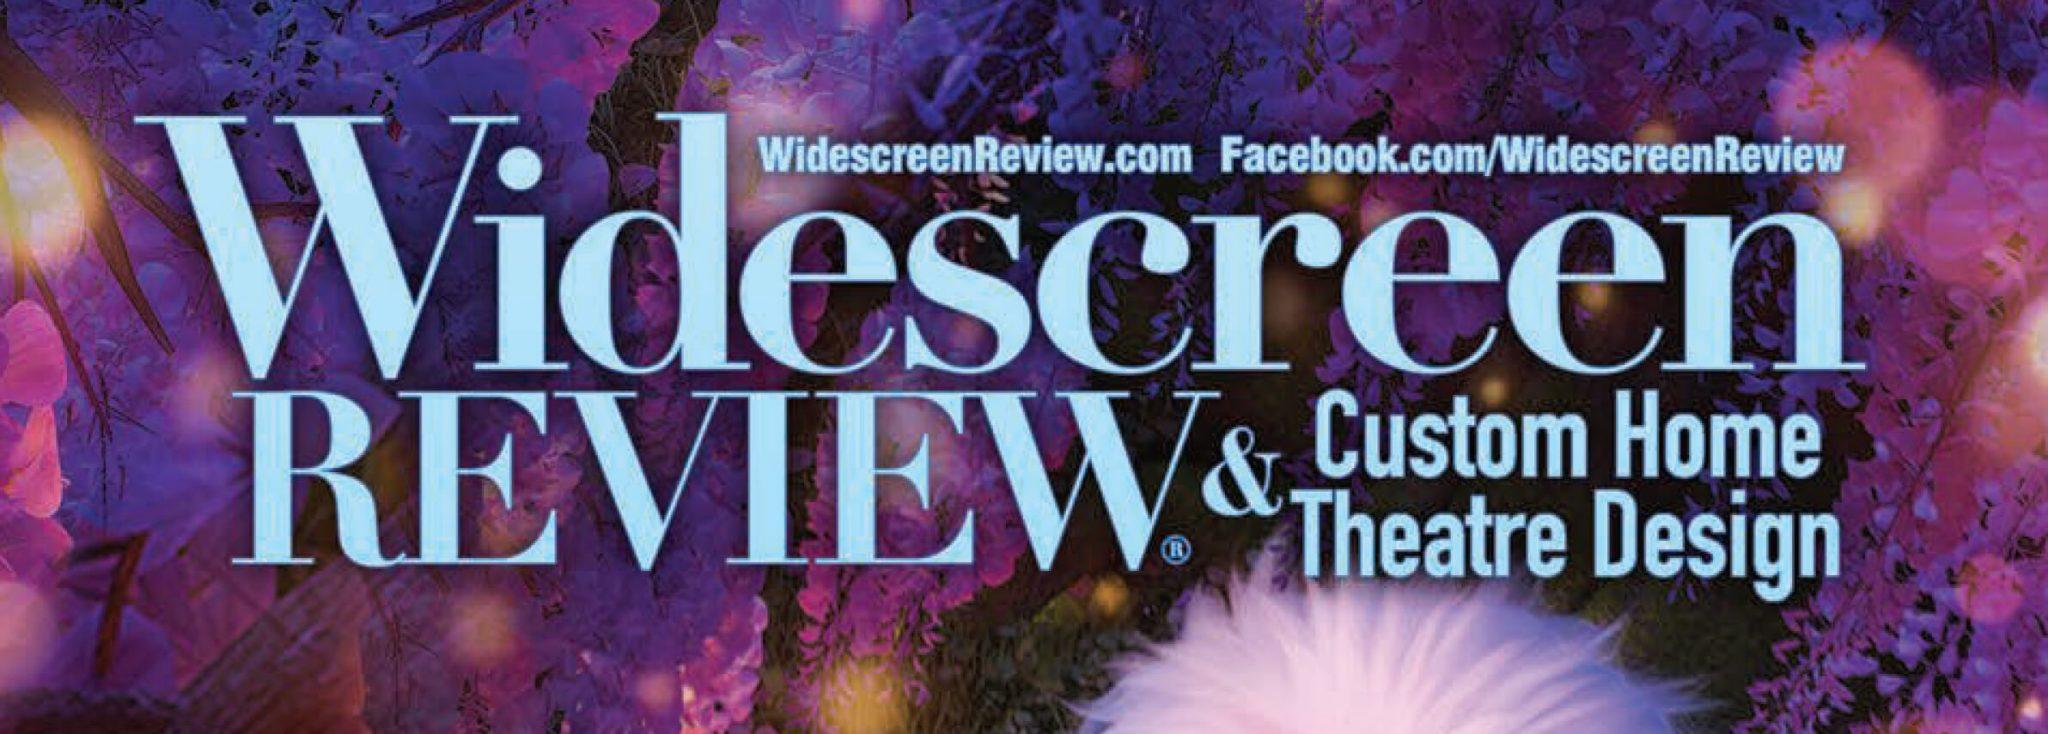 Big screen Cinema magainze